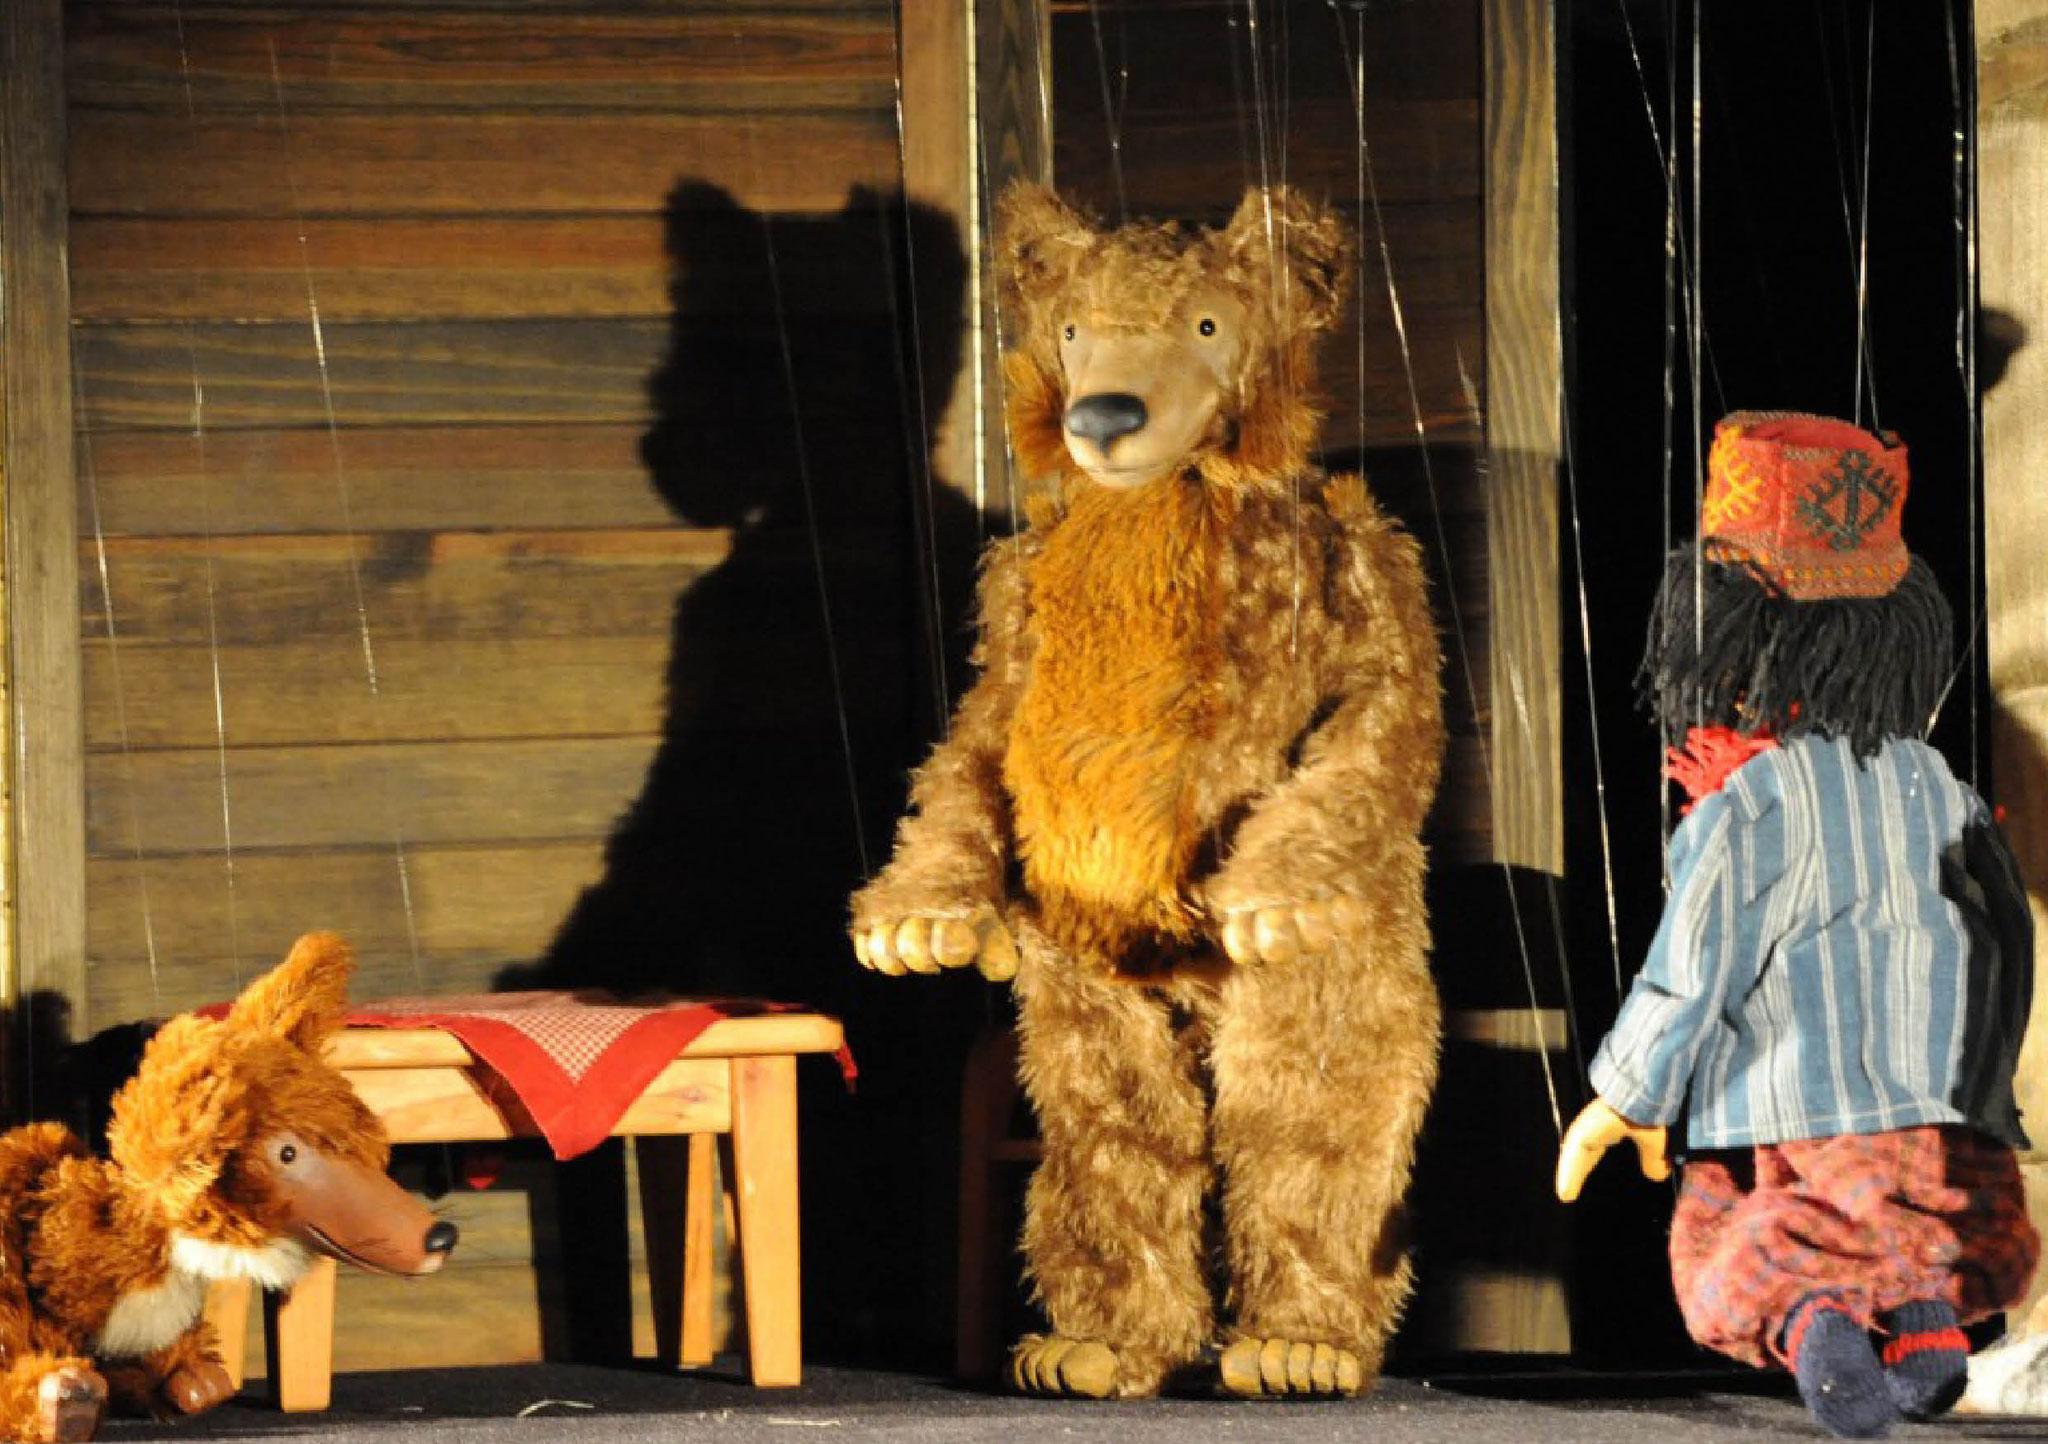 Marionettentheater Löwenzahn: Es klopft bei Wanja in der Nacht